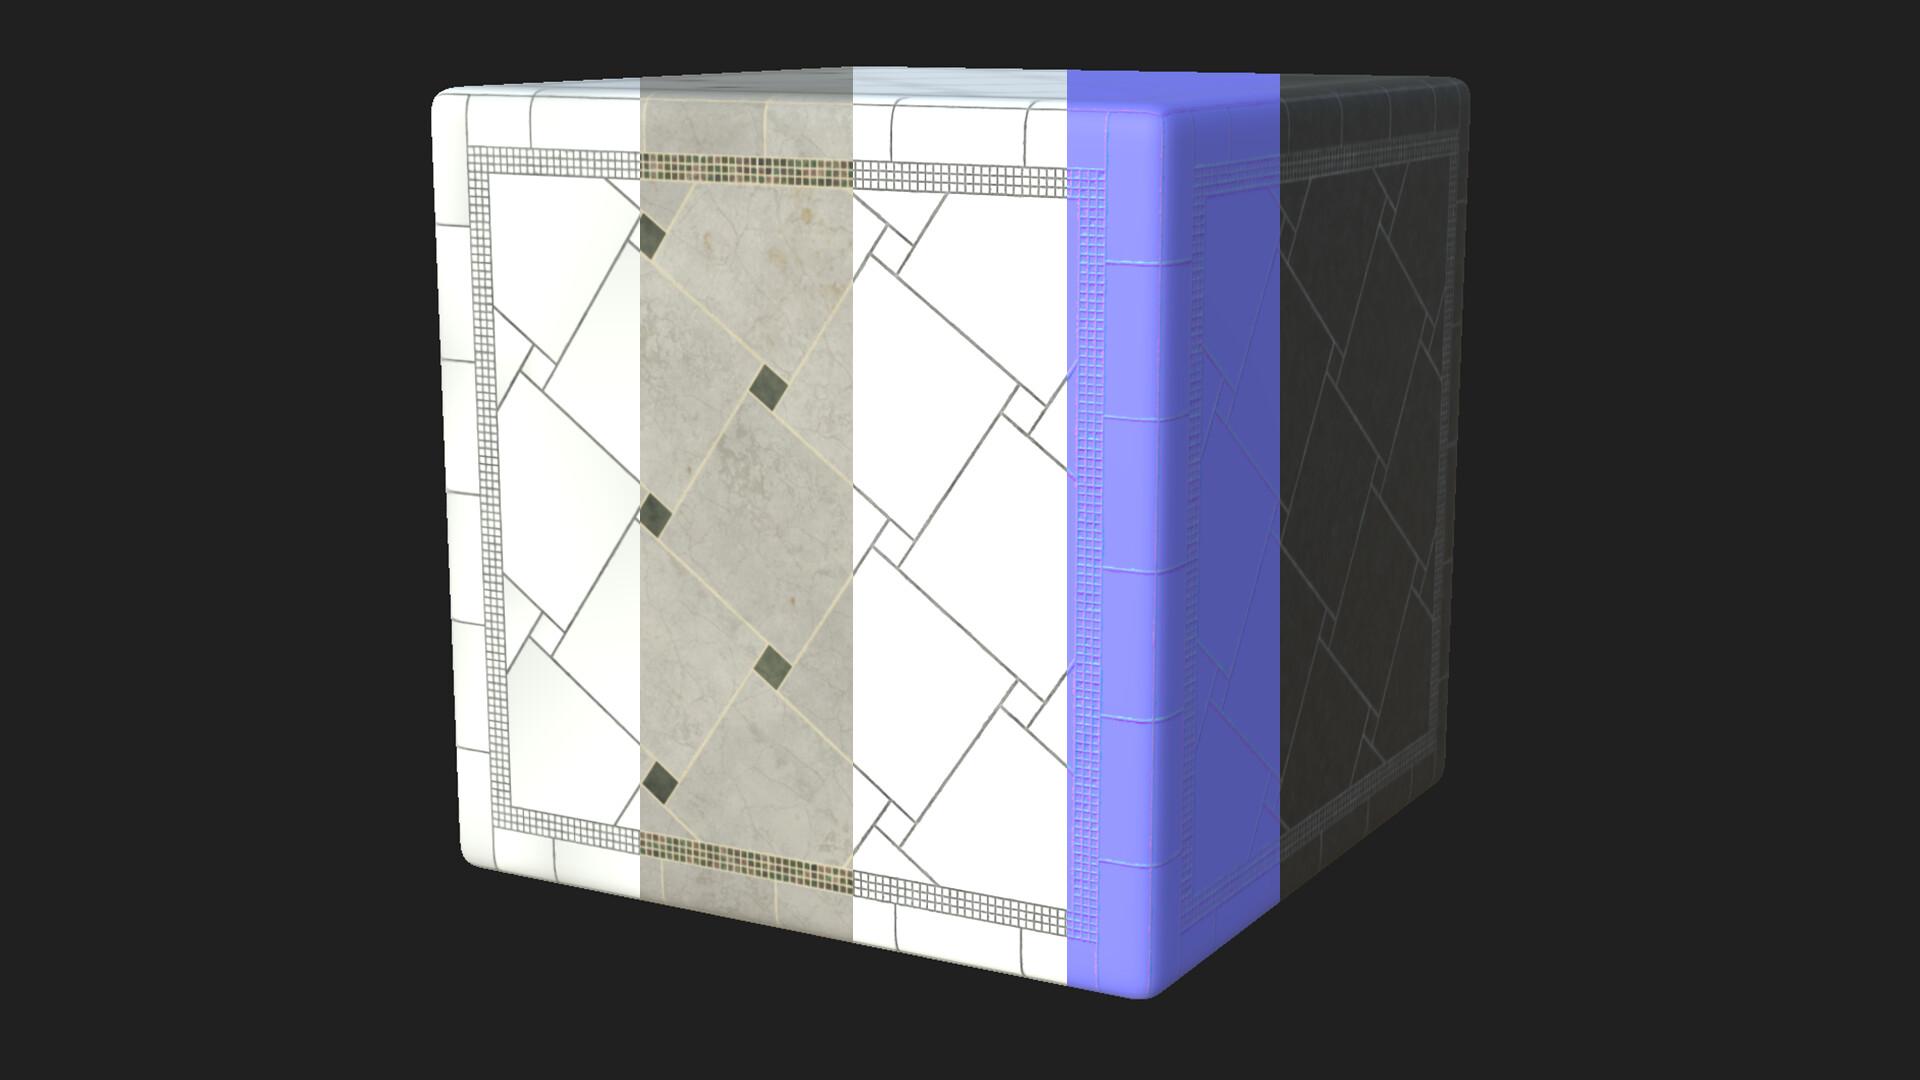 Jakub m marble tiles presentation 3